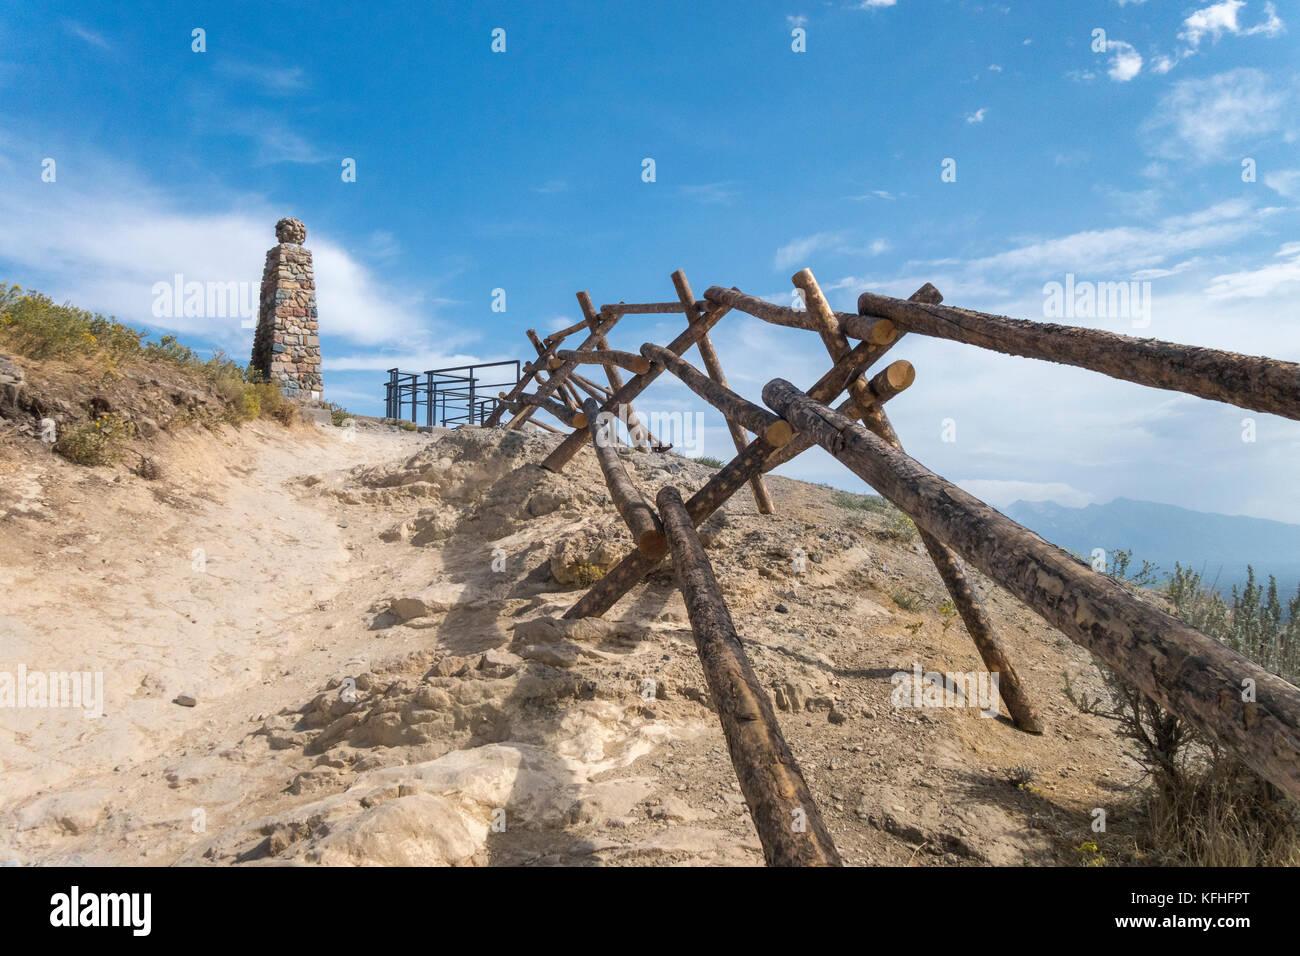 Alfiere di punta del parco della natura. Sentiero per la Storica Ensign monumento prospiciente Salt Lake City. Foto Stock